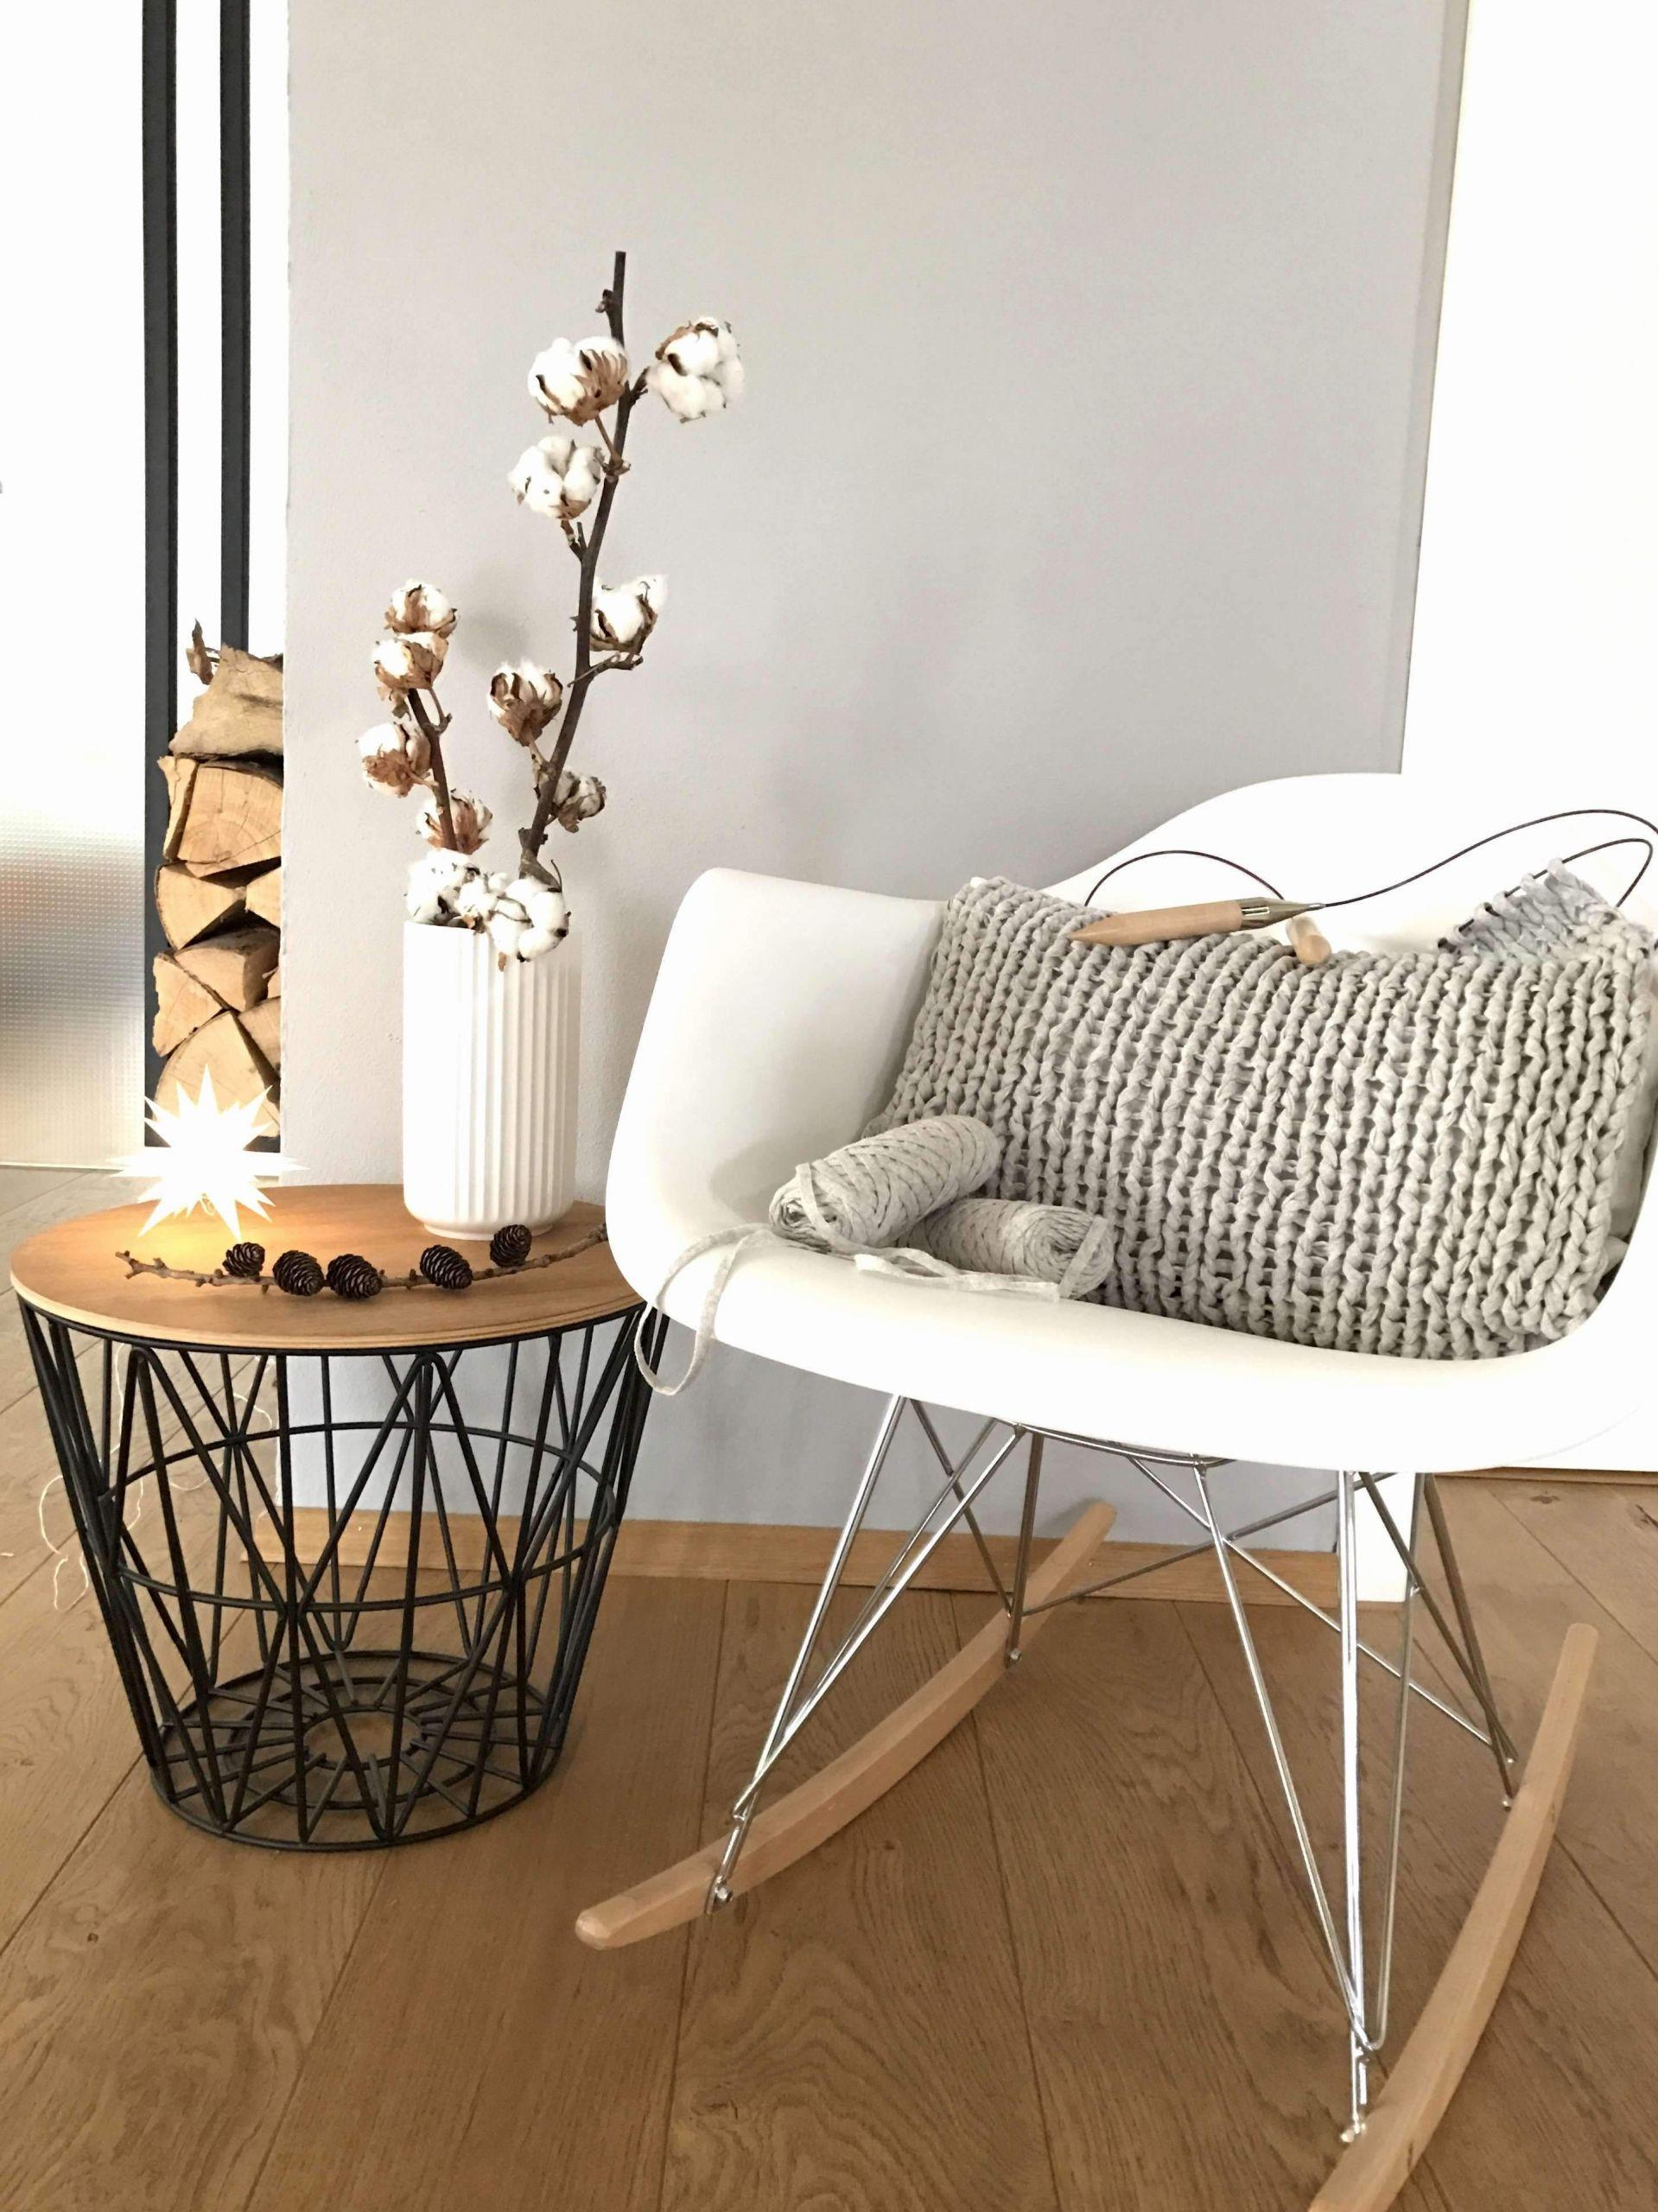 wohnzimmer deko online shop luxus wohnzimmer ideen grau design tipps von experten in sem jahr of wohnzimmer deko online shop